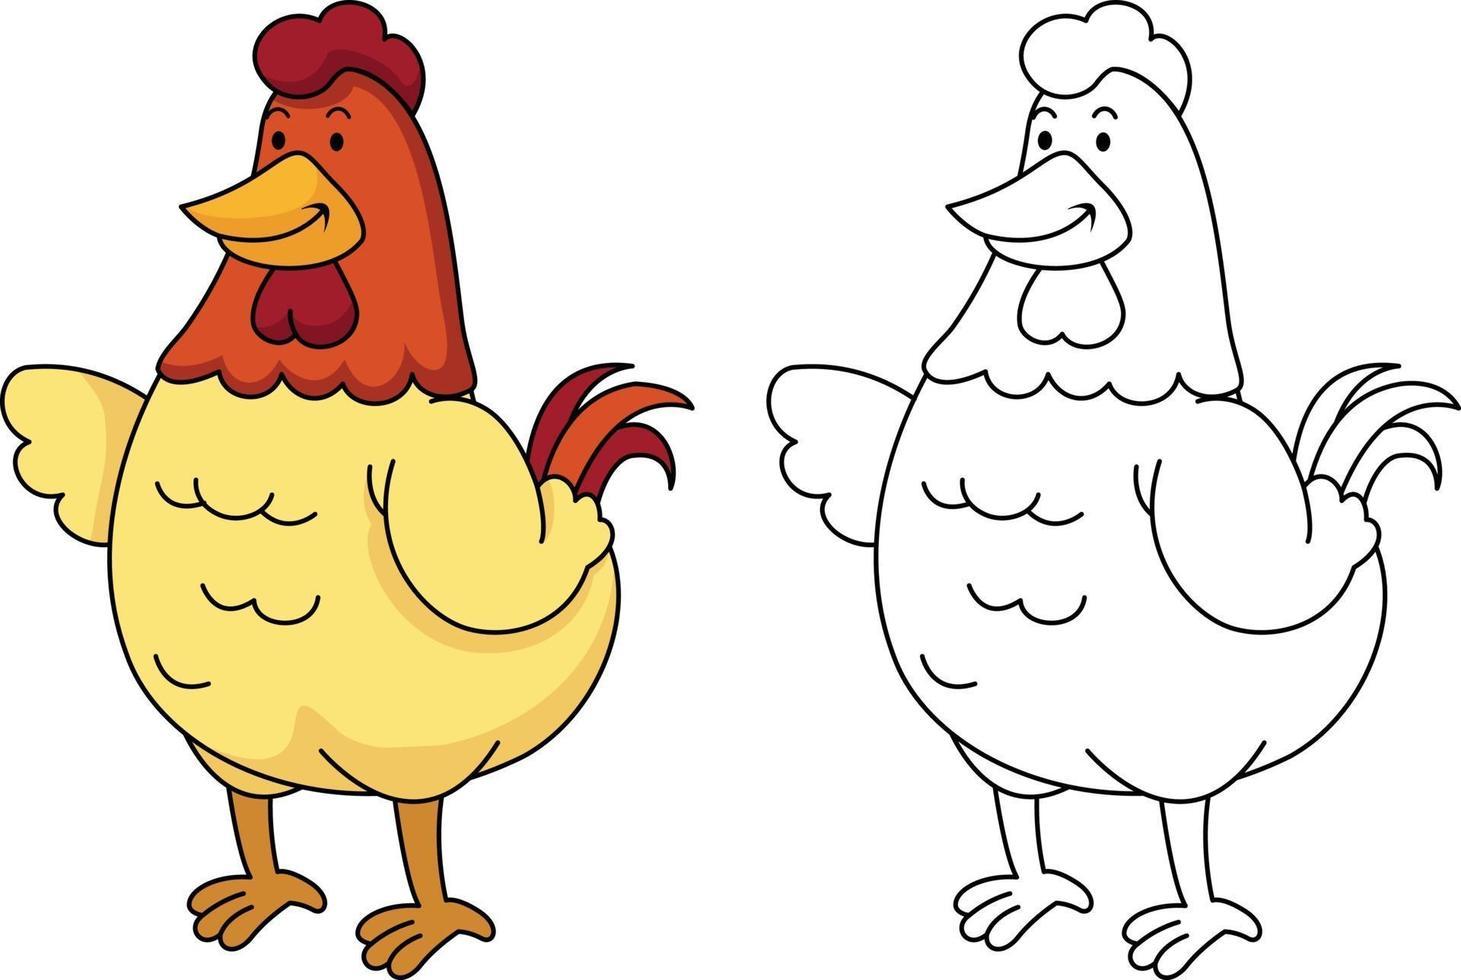 ilustração de livro de colorir educacional - galinha vetor